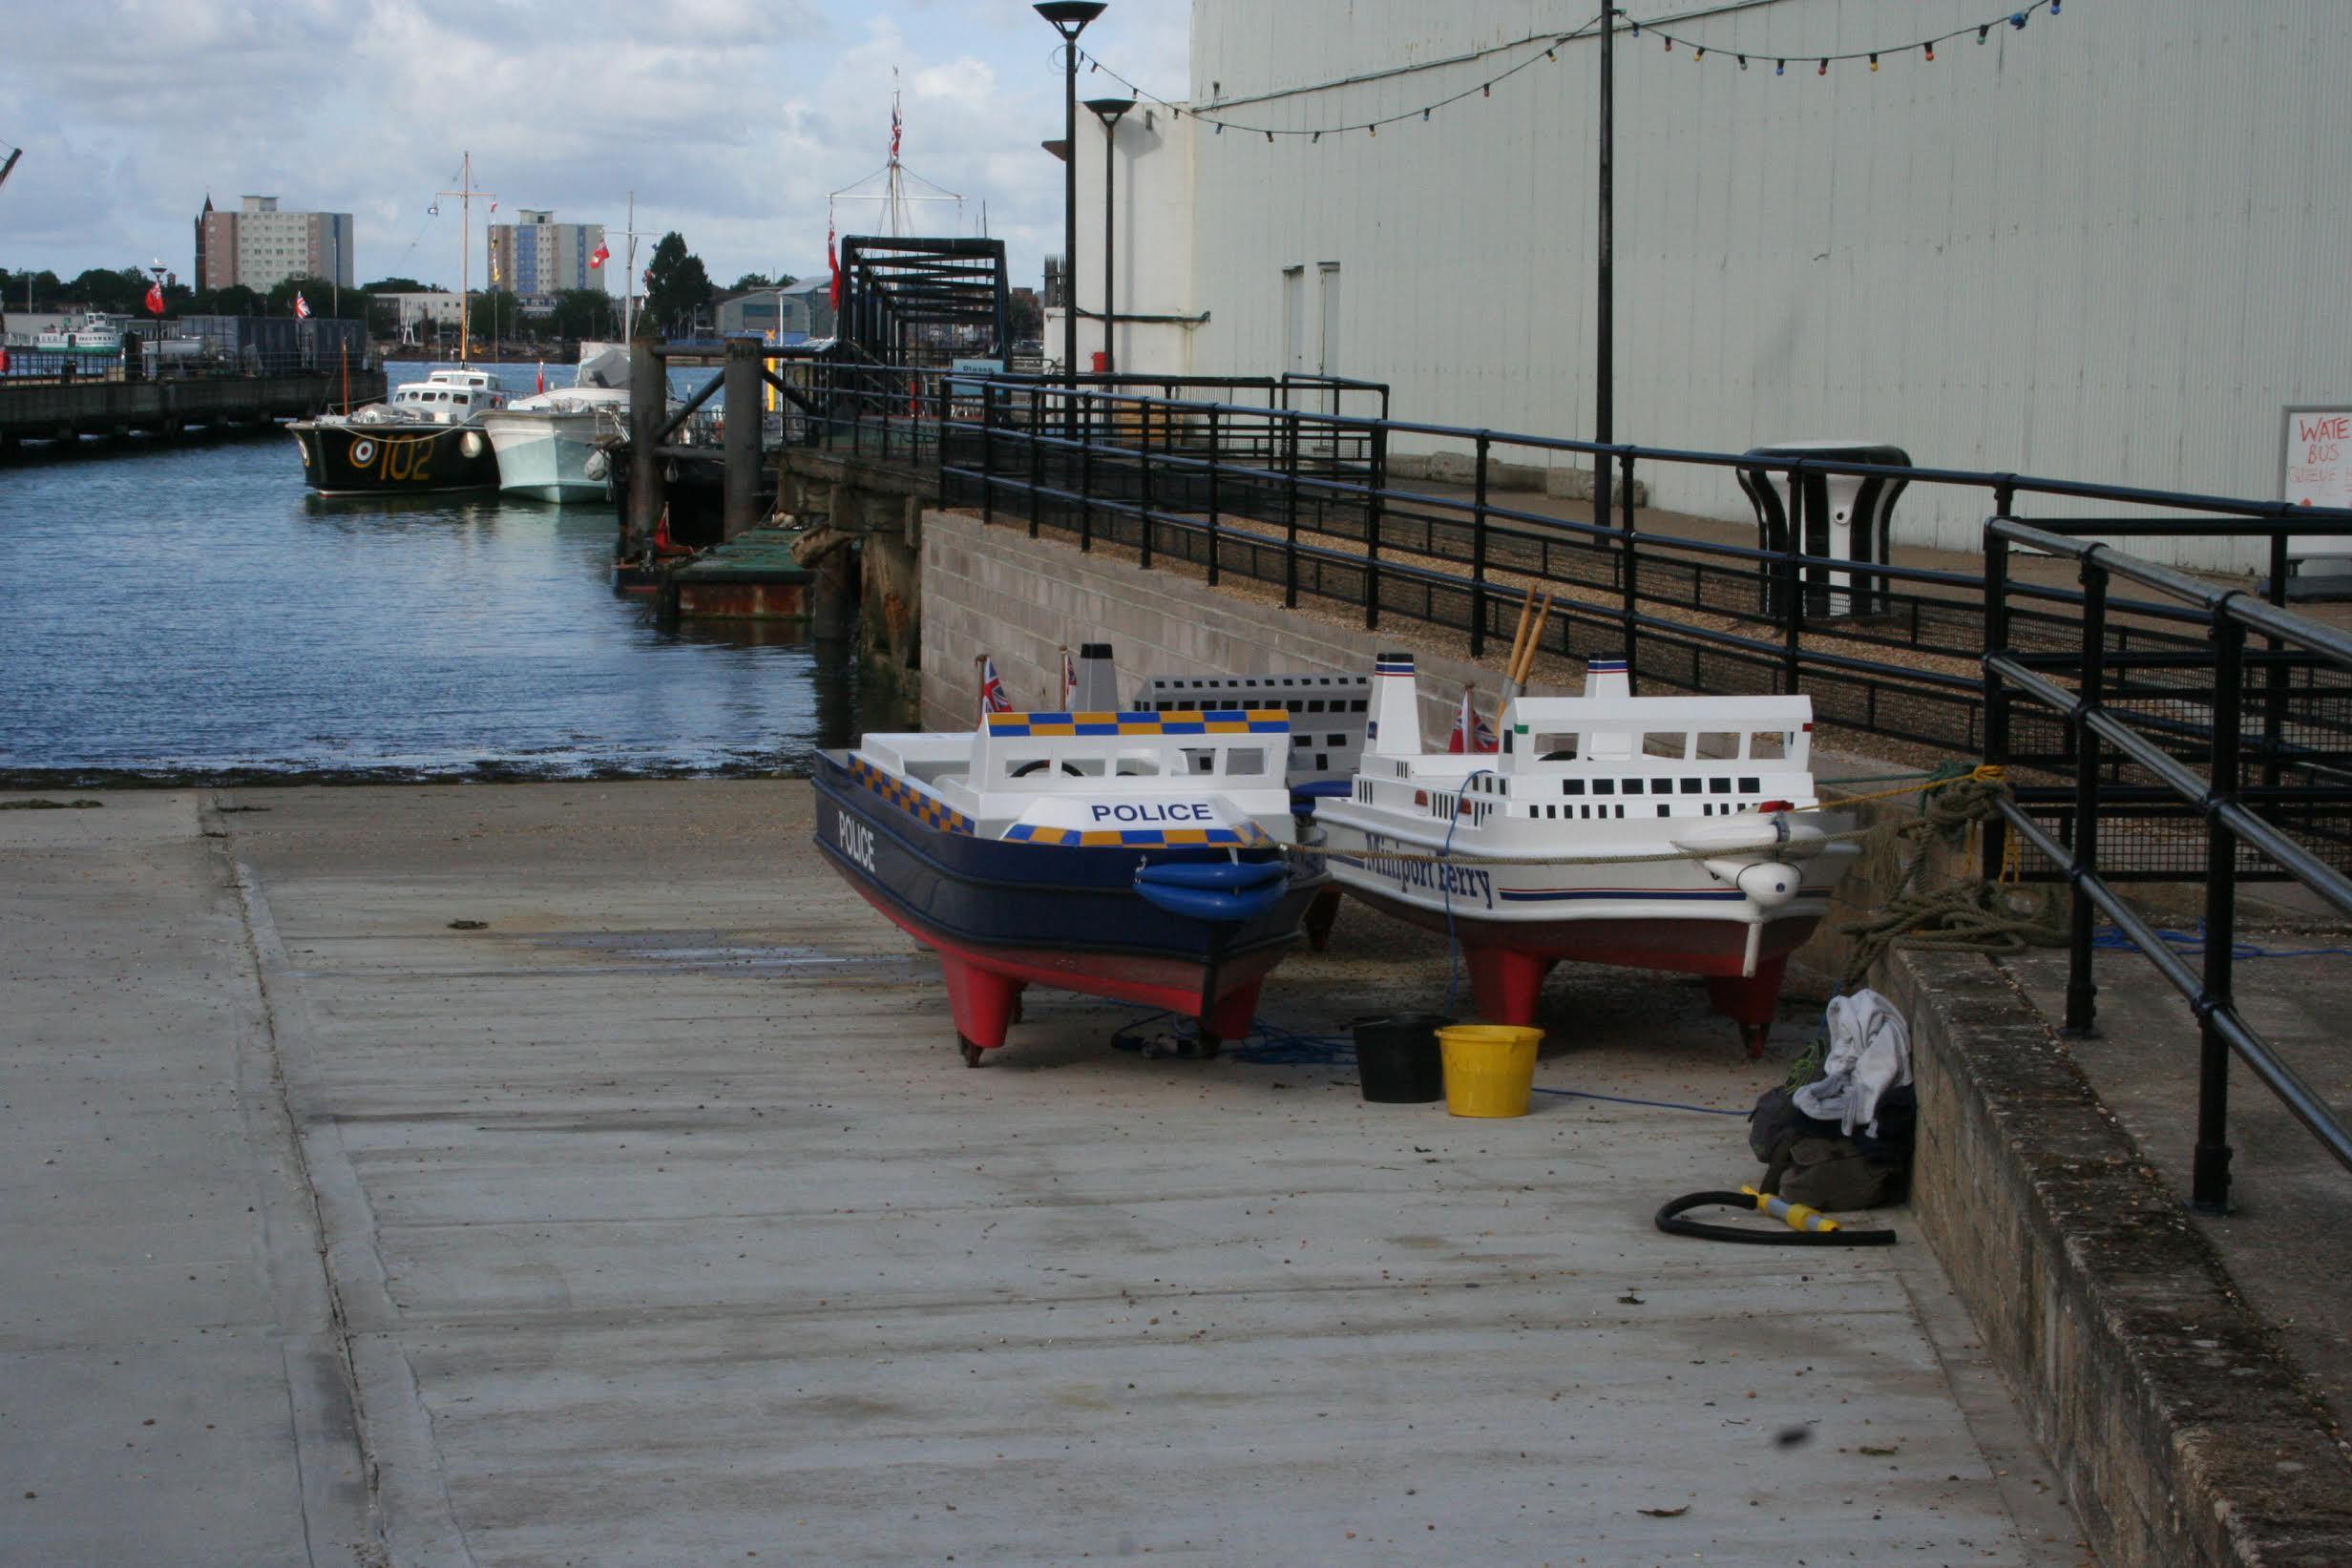 miniport-ships-ramp